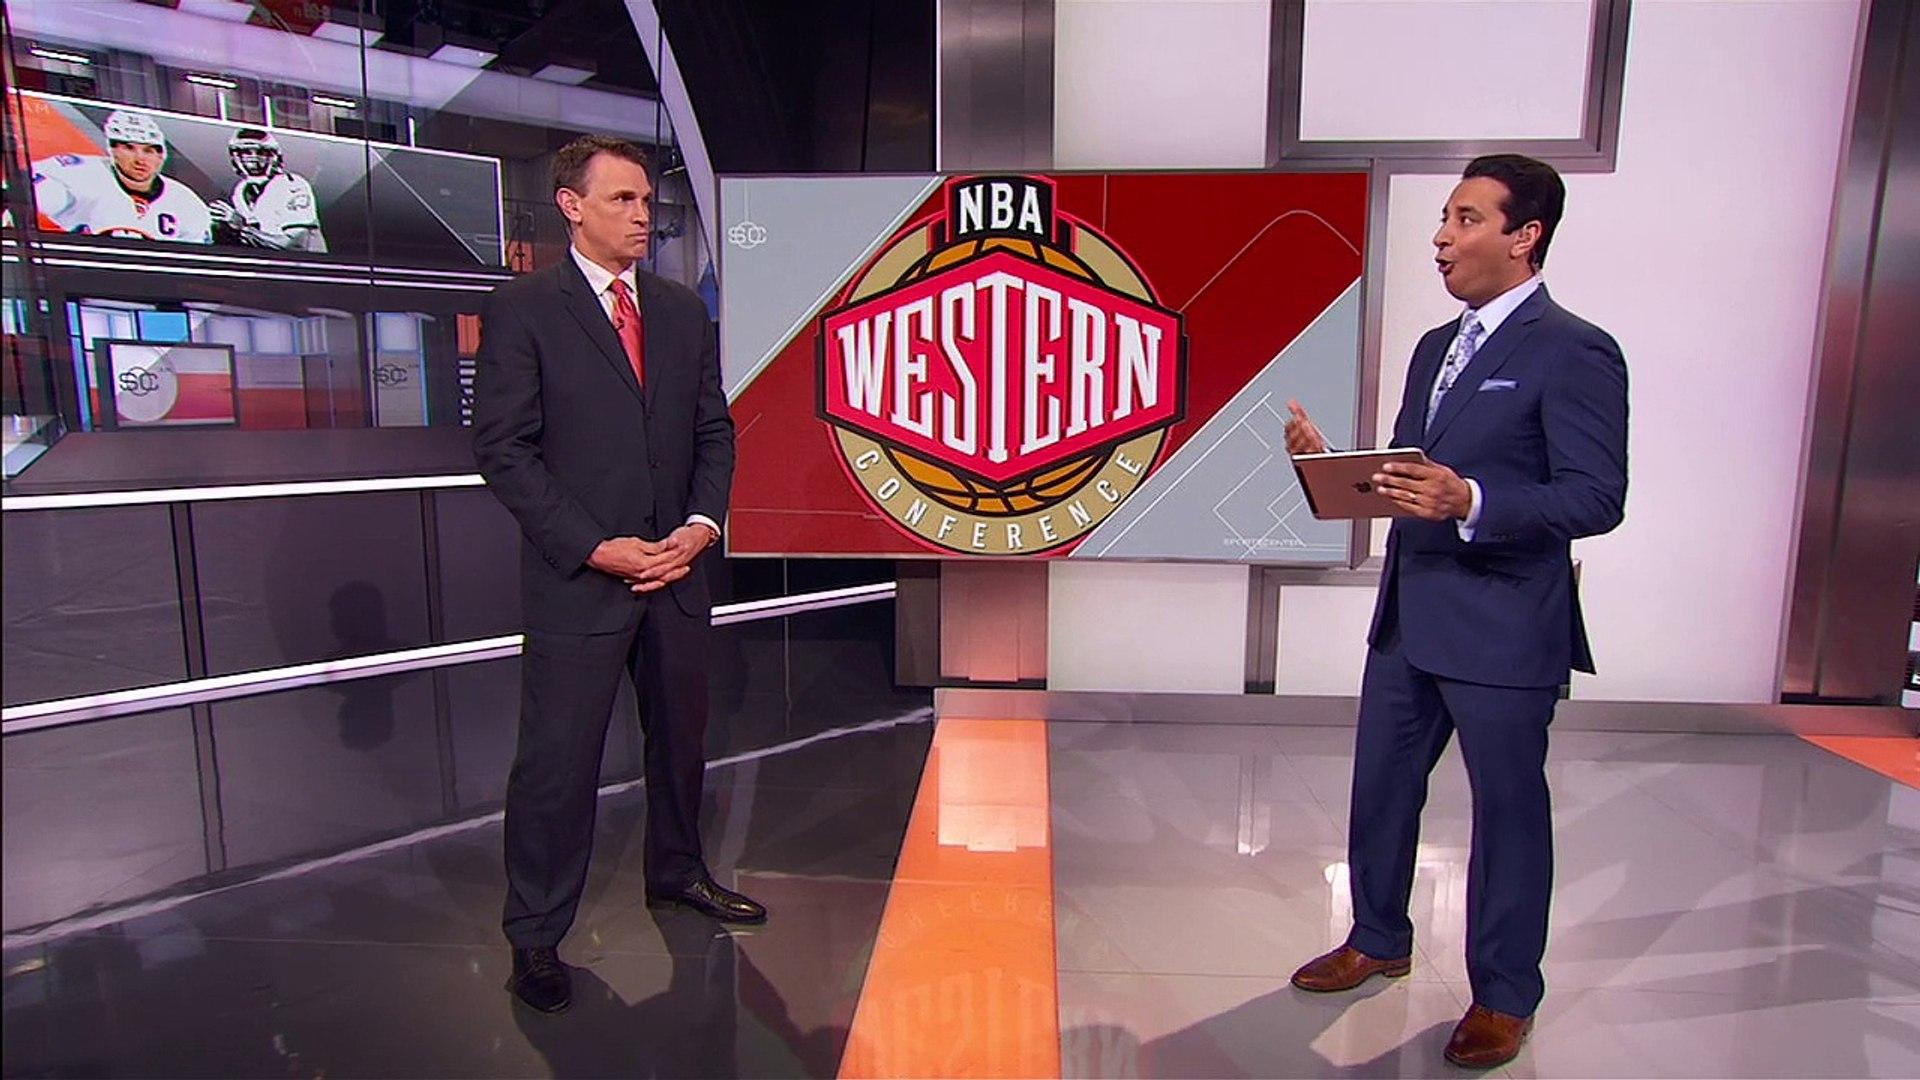 2016 NBA Playoffs- NBA Playoffs coverage